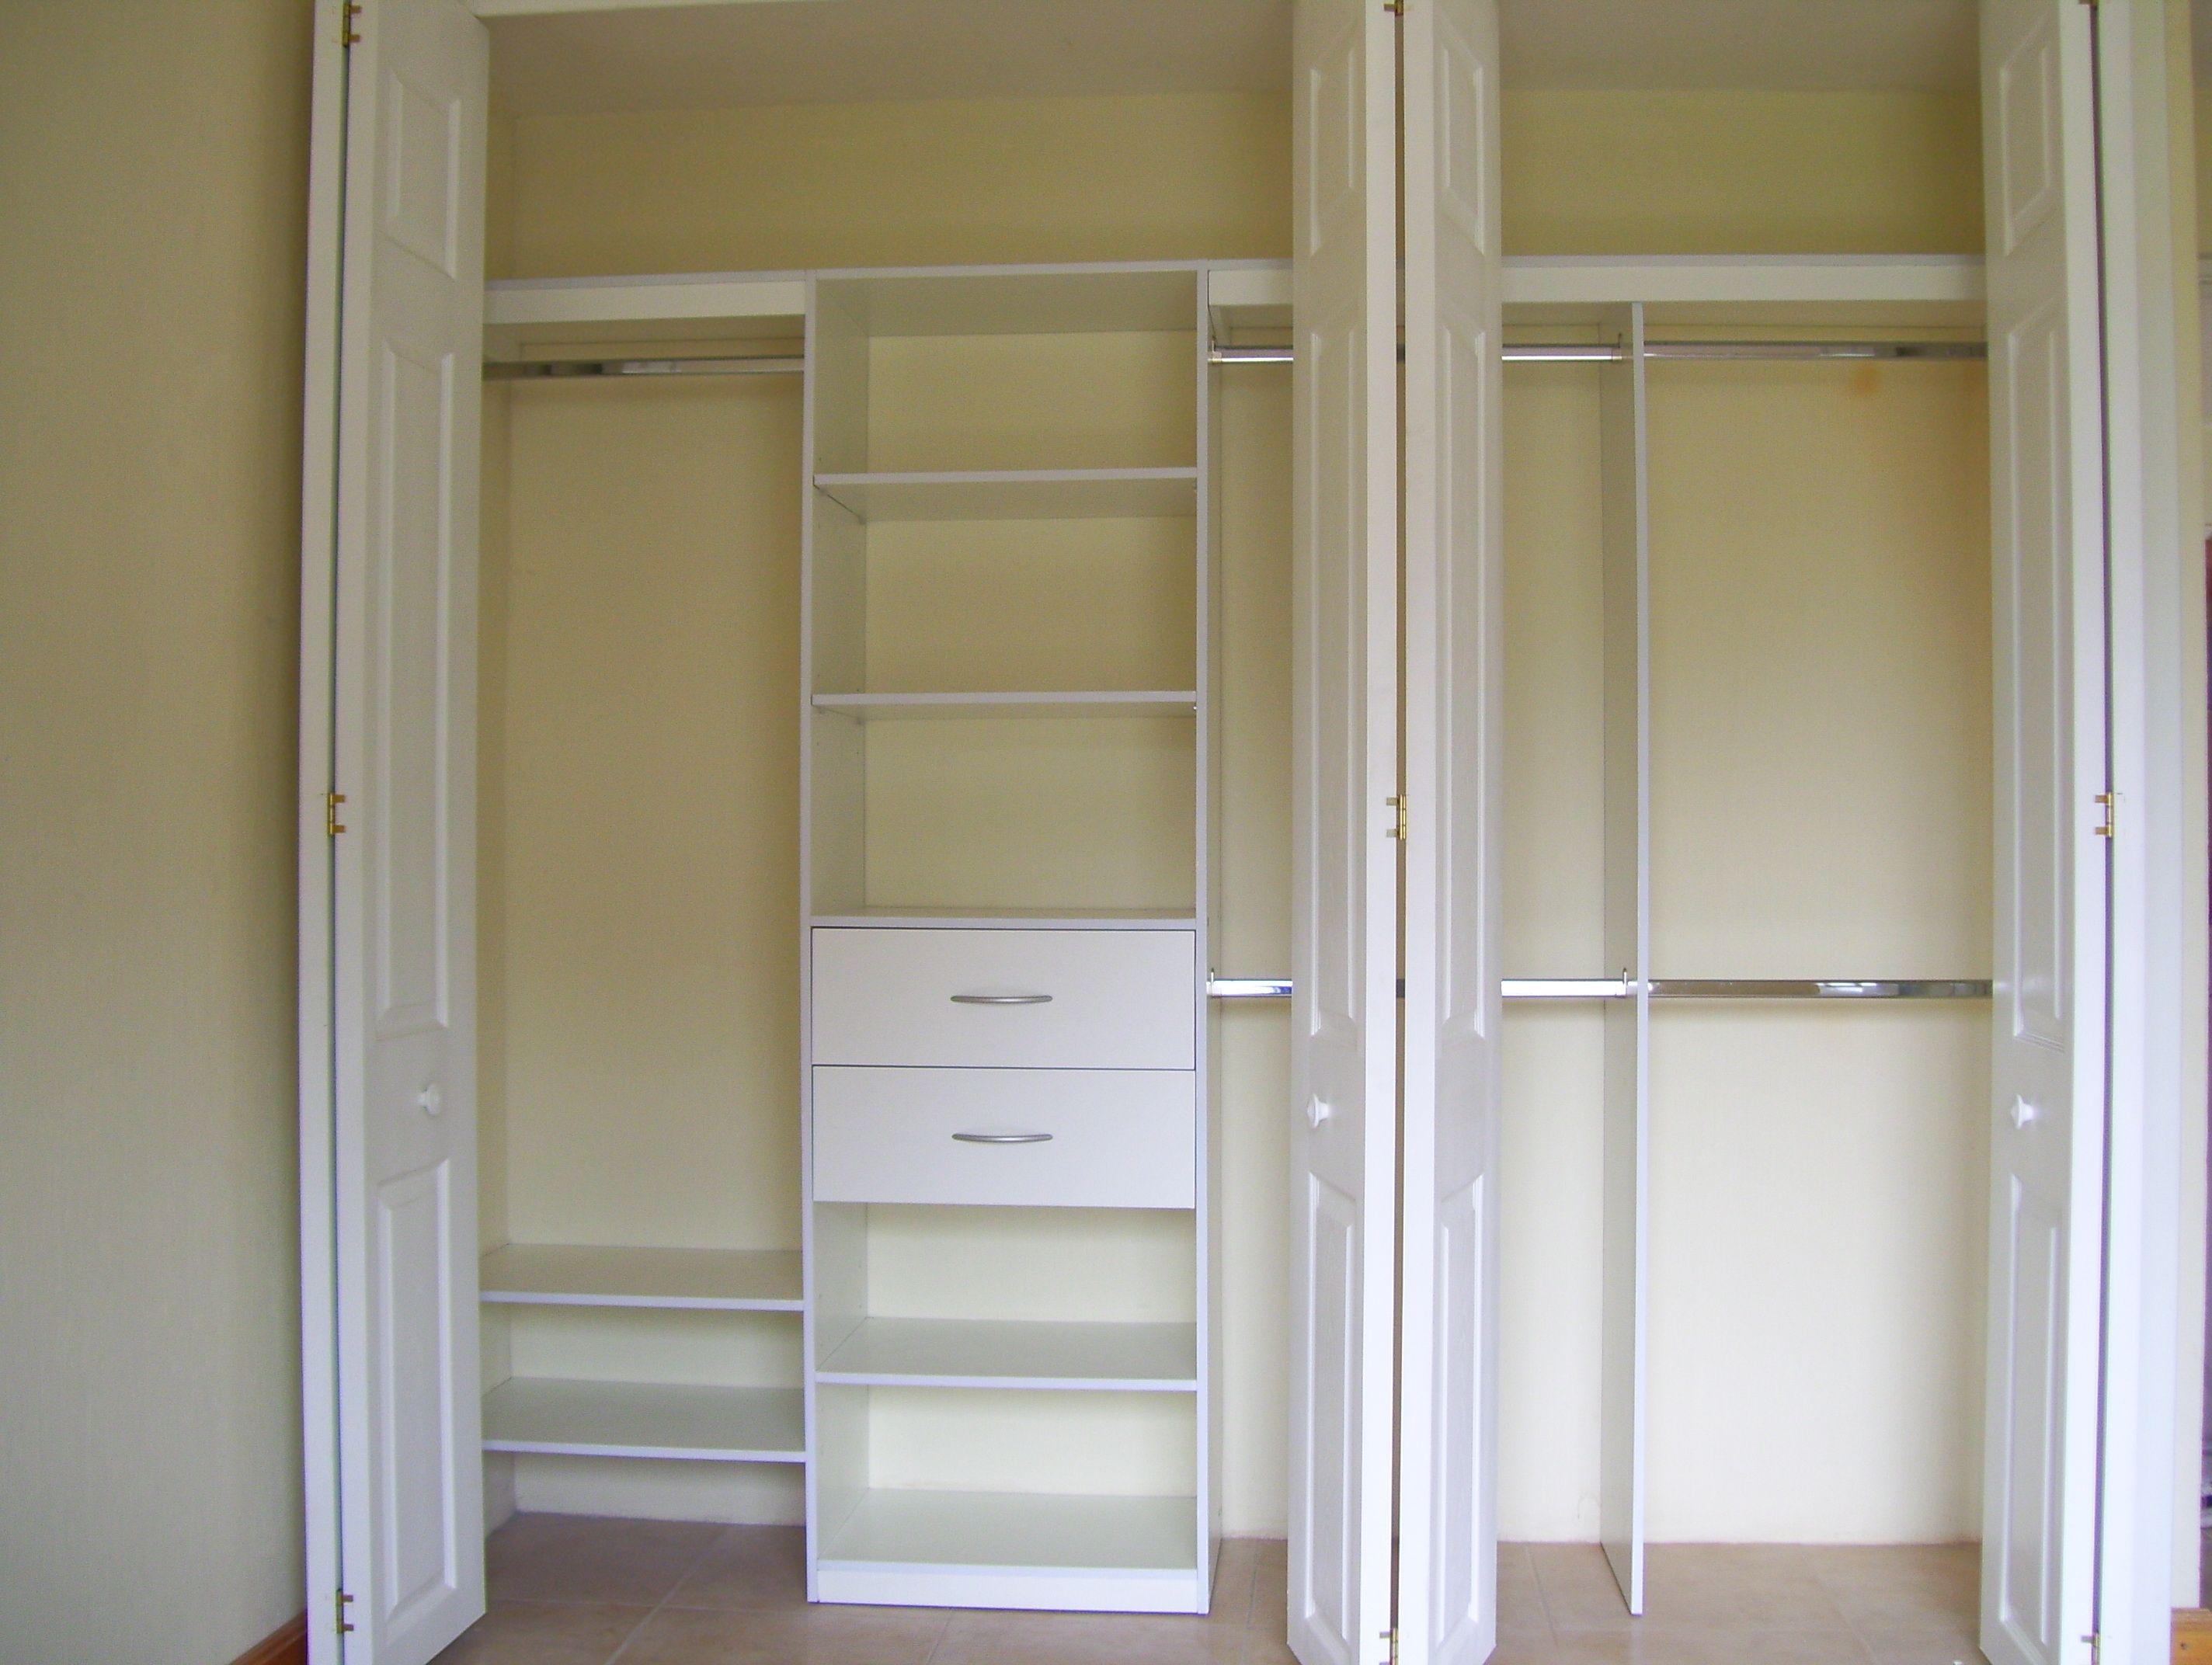 Puertas de closet plegables buscar con google cuarto - Puertas plegables para armarios ...